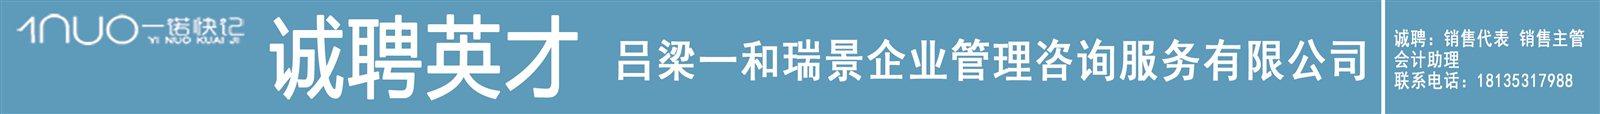 吕梁一和瑞景企业管理咨询服务有限公司